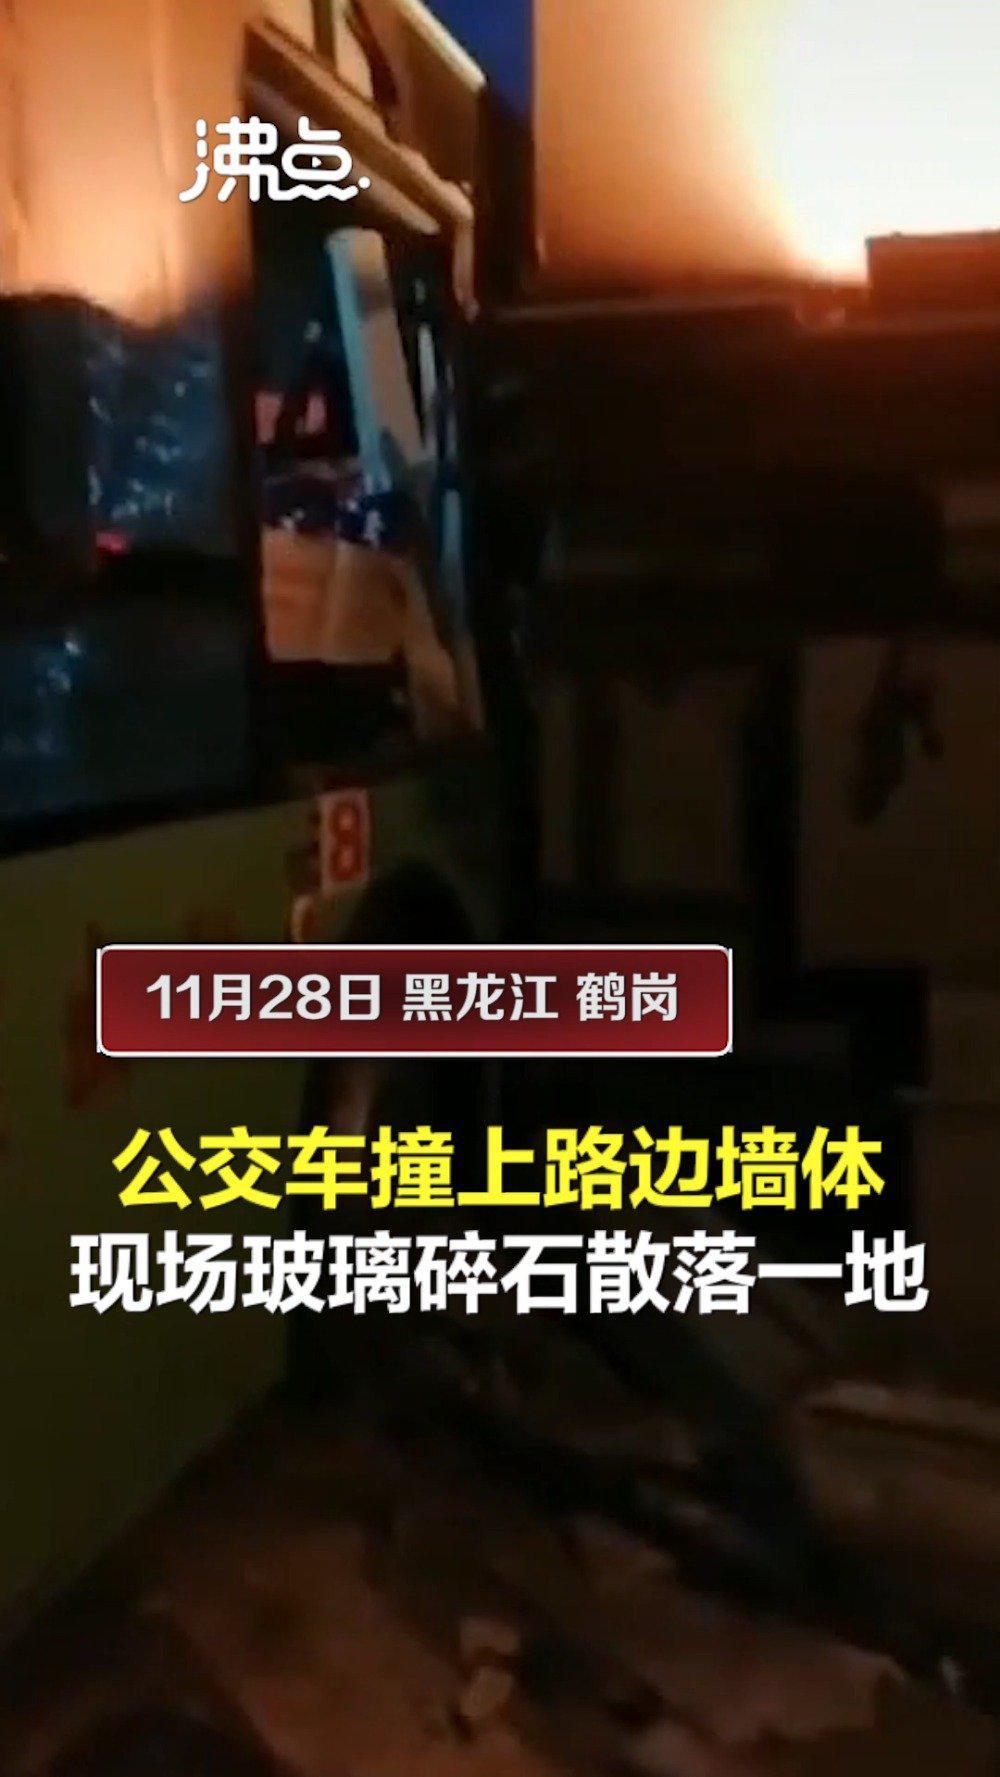 公交发生事故乘客按头怒骂司机 公司:司机不舒服 被误会玩手机